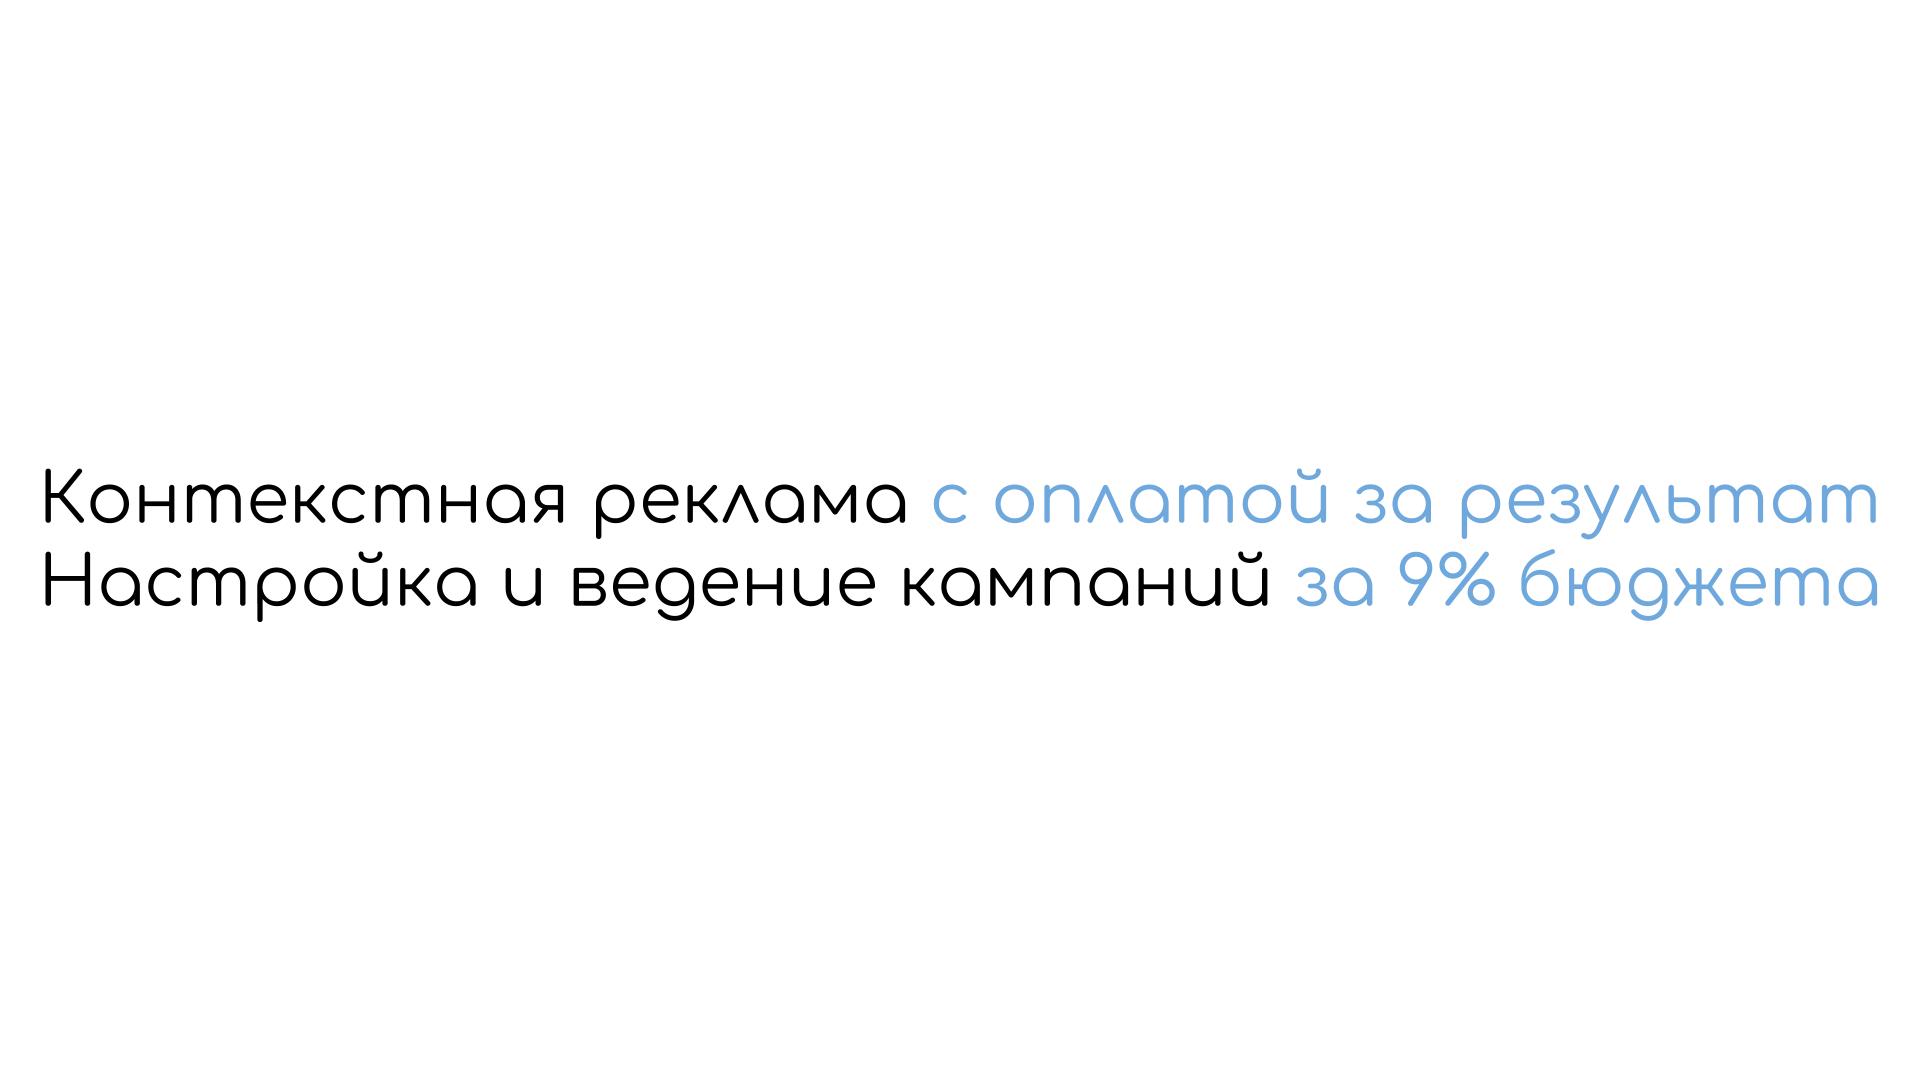 Пример заголовка по системе 4U с добавленной уникальностью.